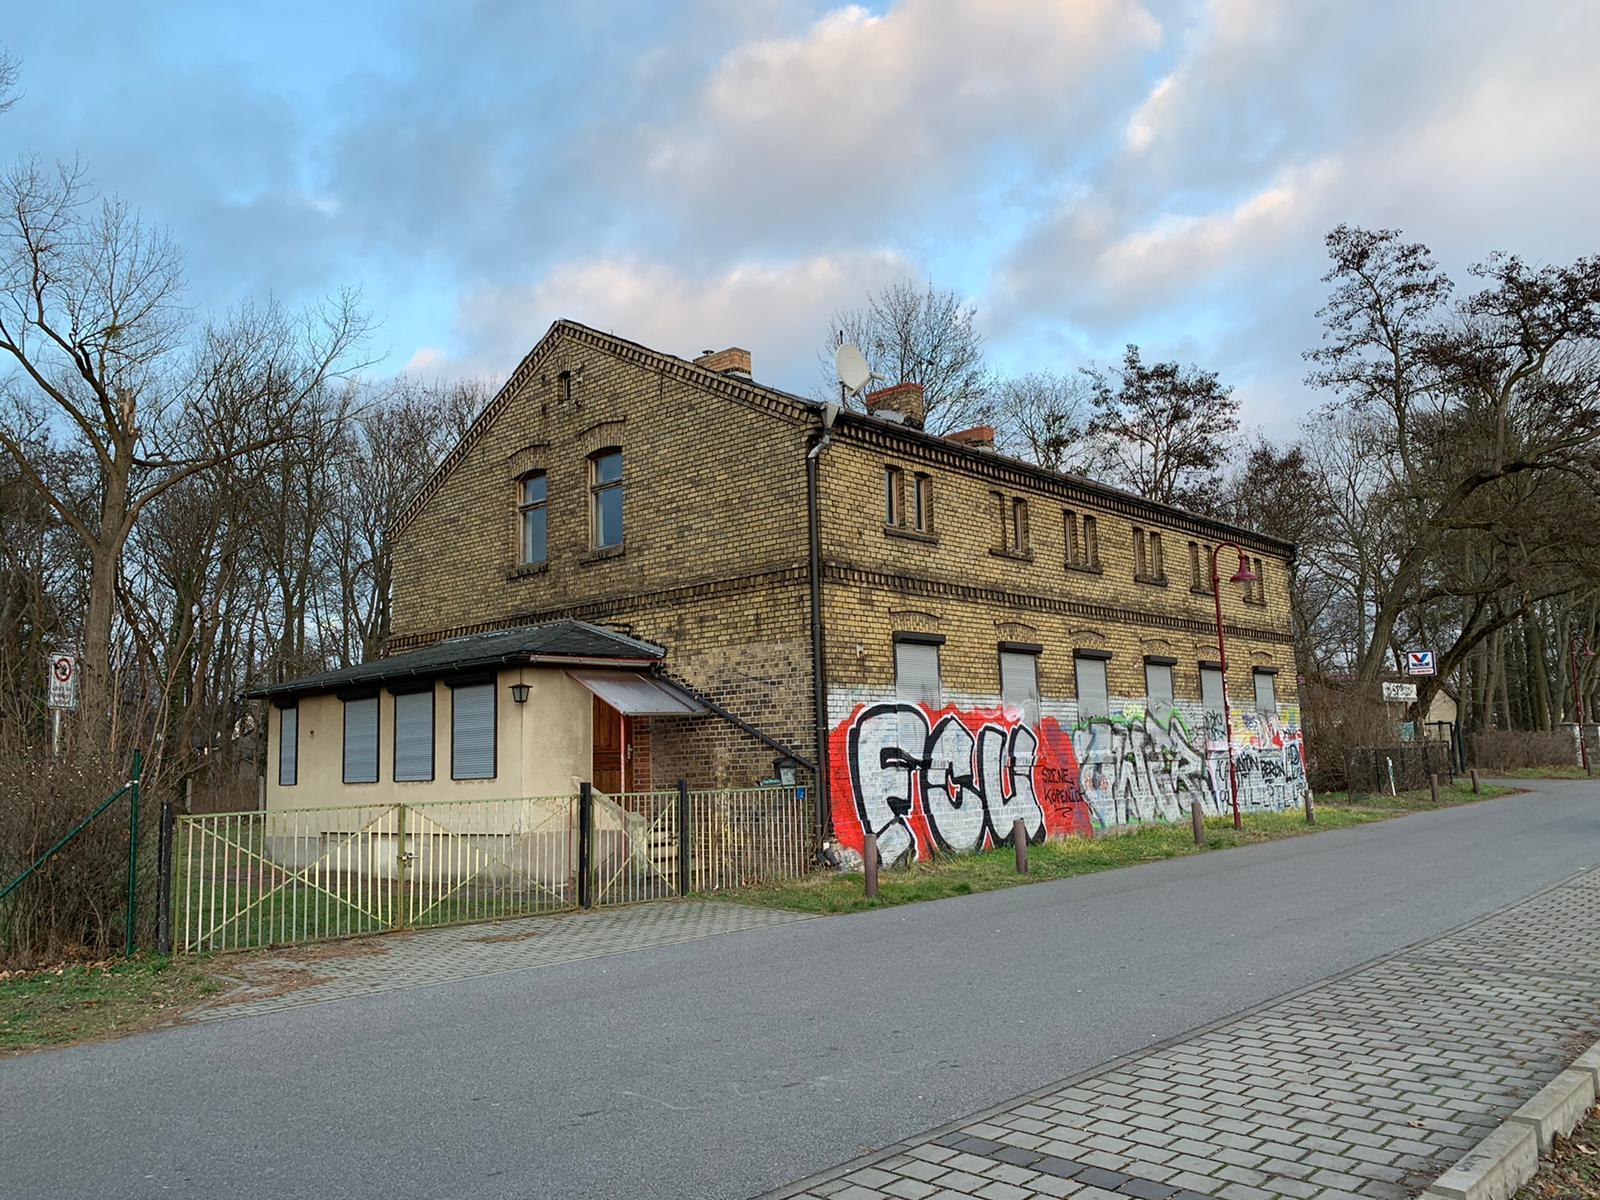 Mögliches Jugendhaus in der Ziegelstraße Foto: Roman Zabel